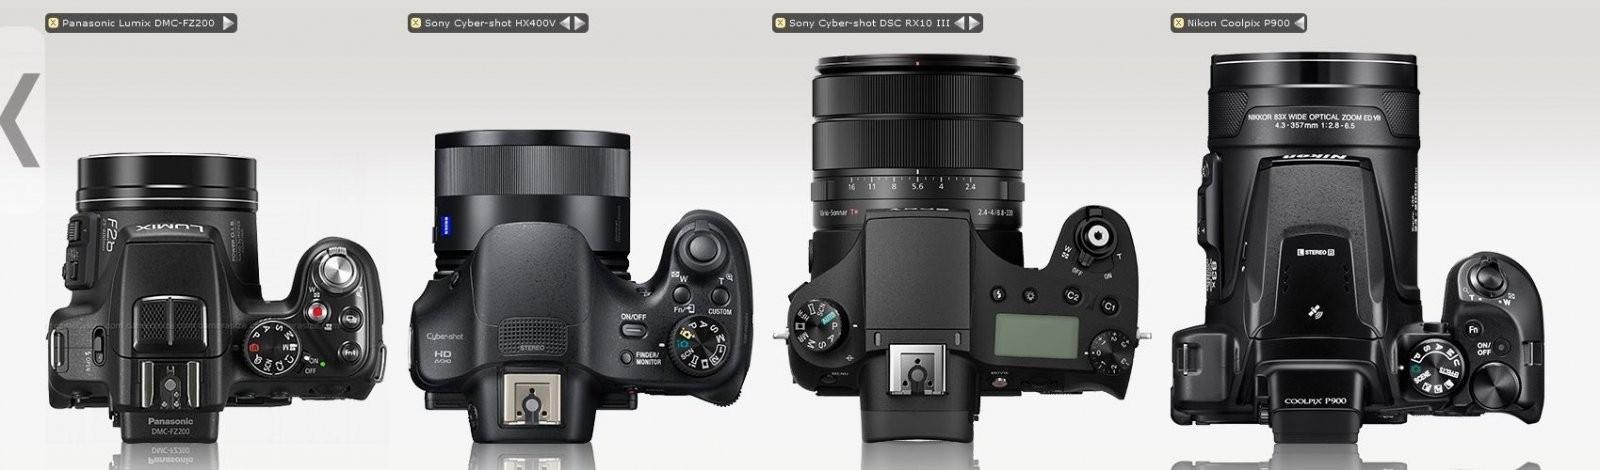 camera comparison 2.JPG